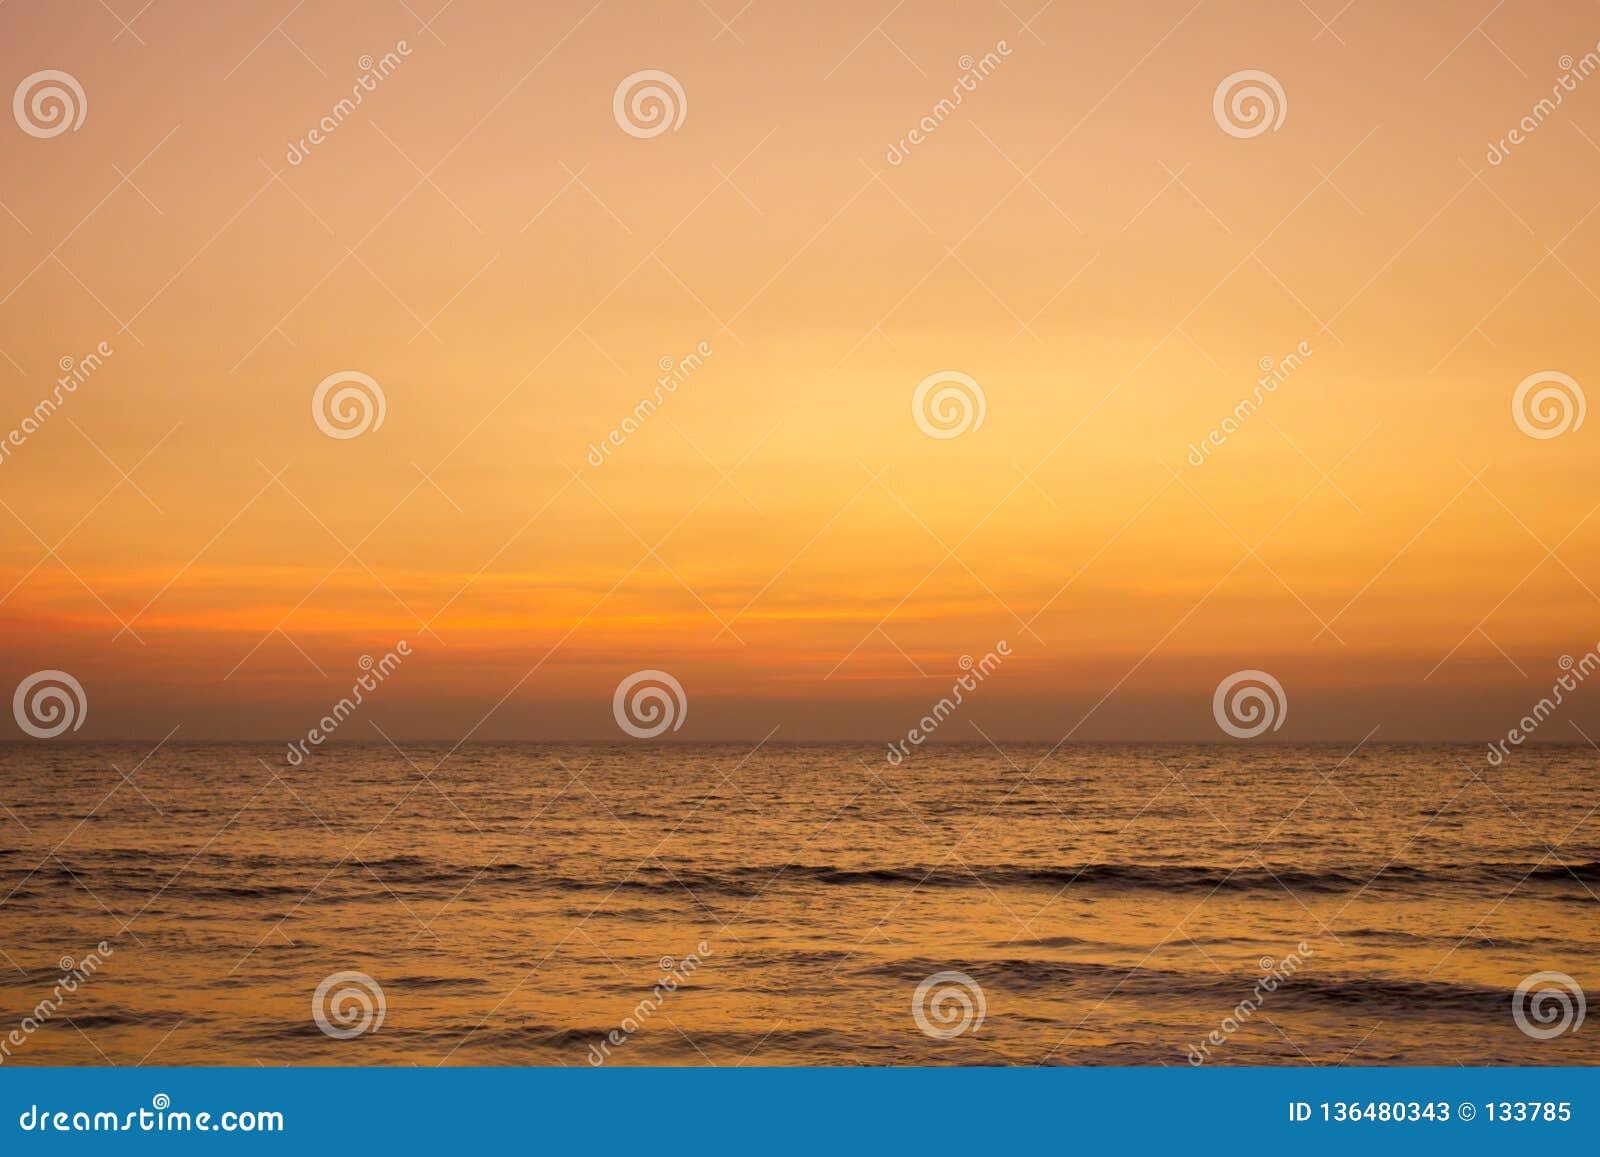 Um céu cor-de-rosa cinzento amarelo brilhante do por do sol sobre o oceano